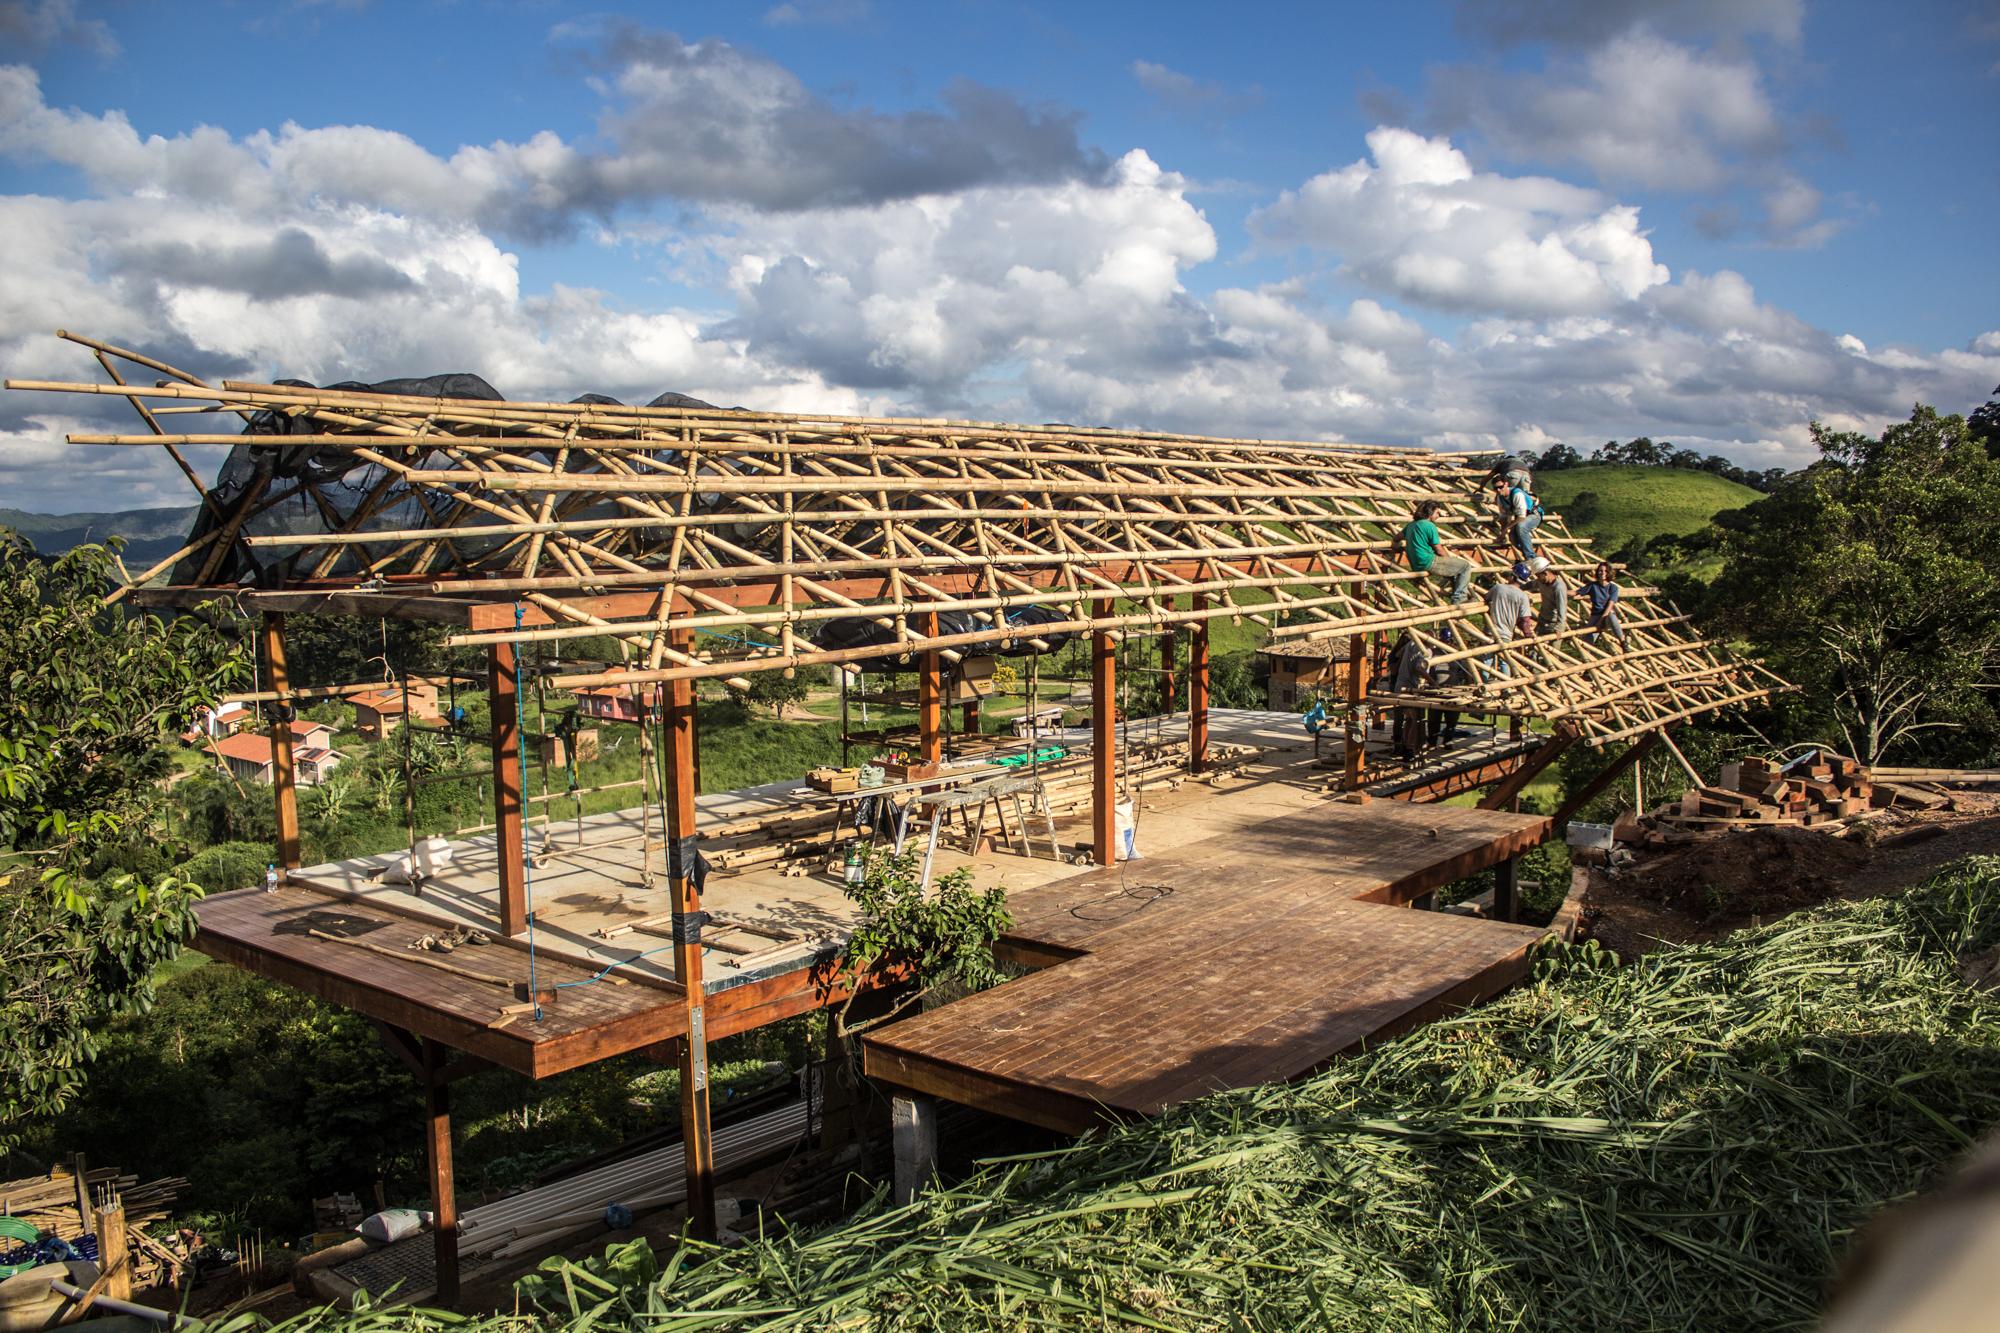 Projeto da Gera Brasil Arquitetura, na Ecovila Clareando, o telhado de bambu foi construído pelo bambuzeiro Bruno Sales